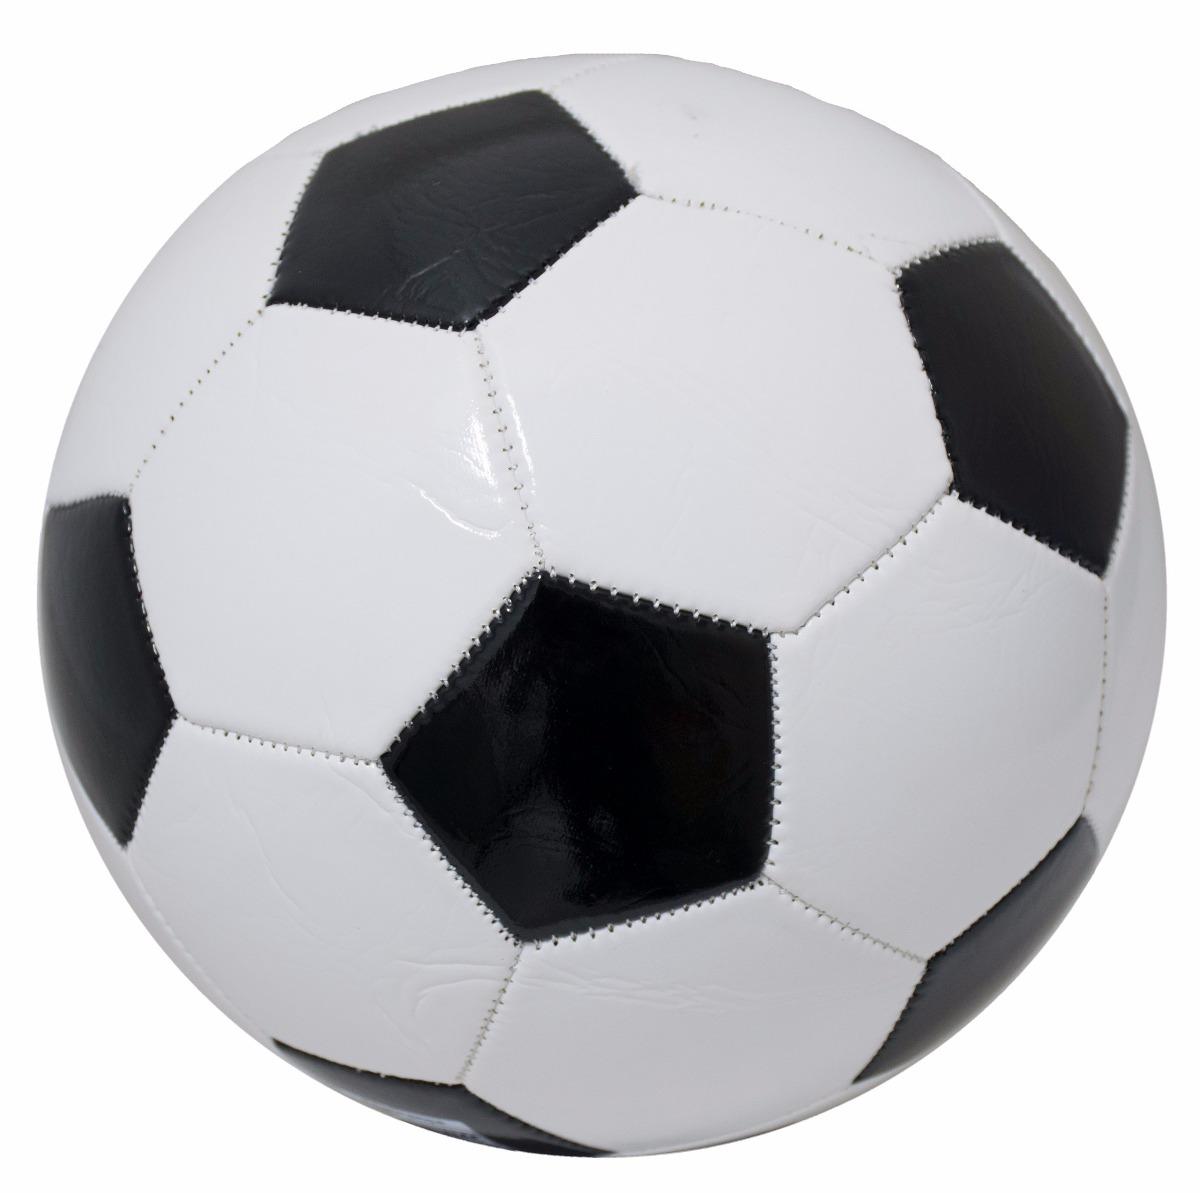 Bola de futebol diversas cores bbr toys r 29 90 em for R2605